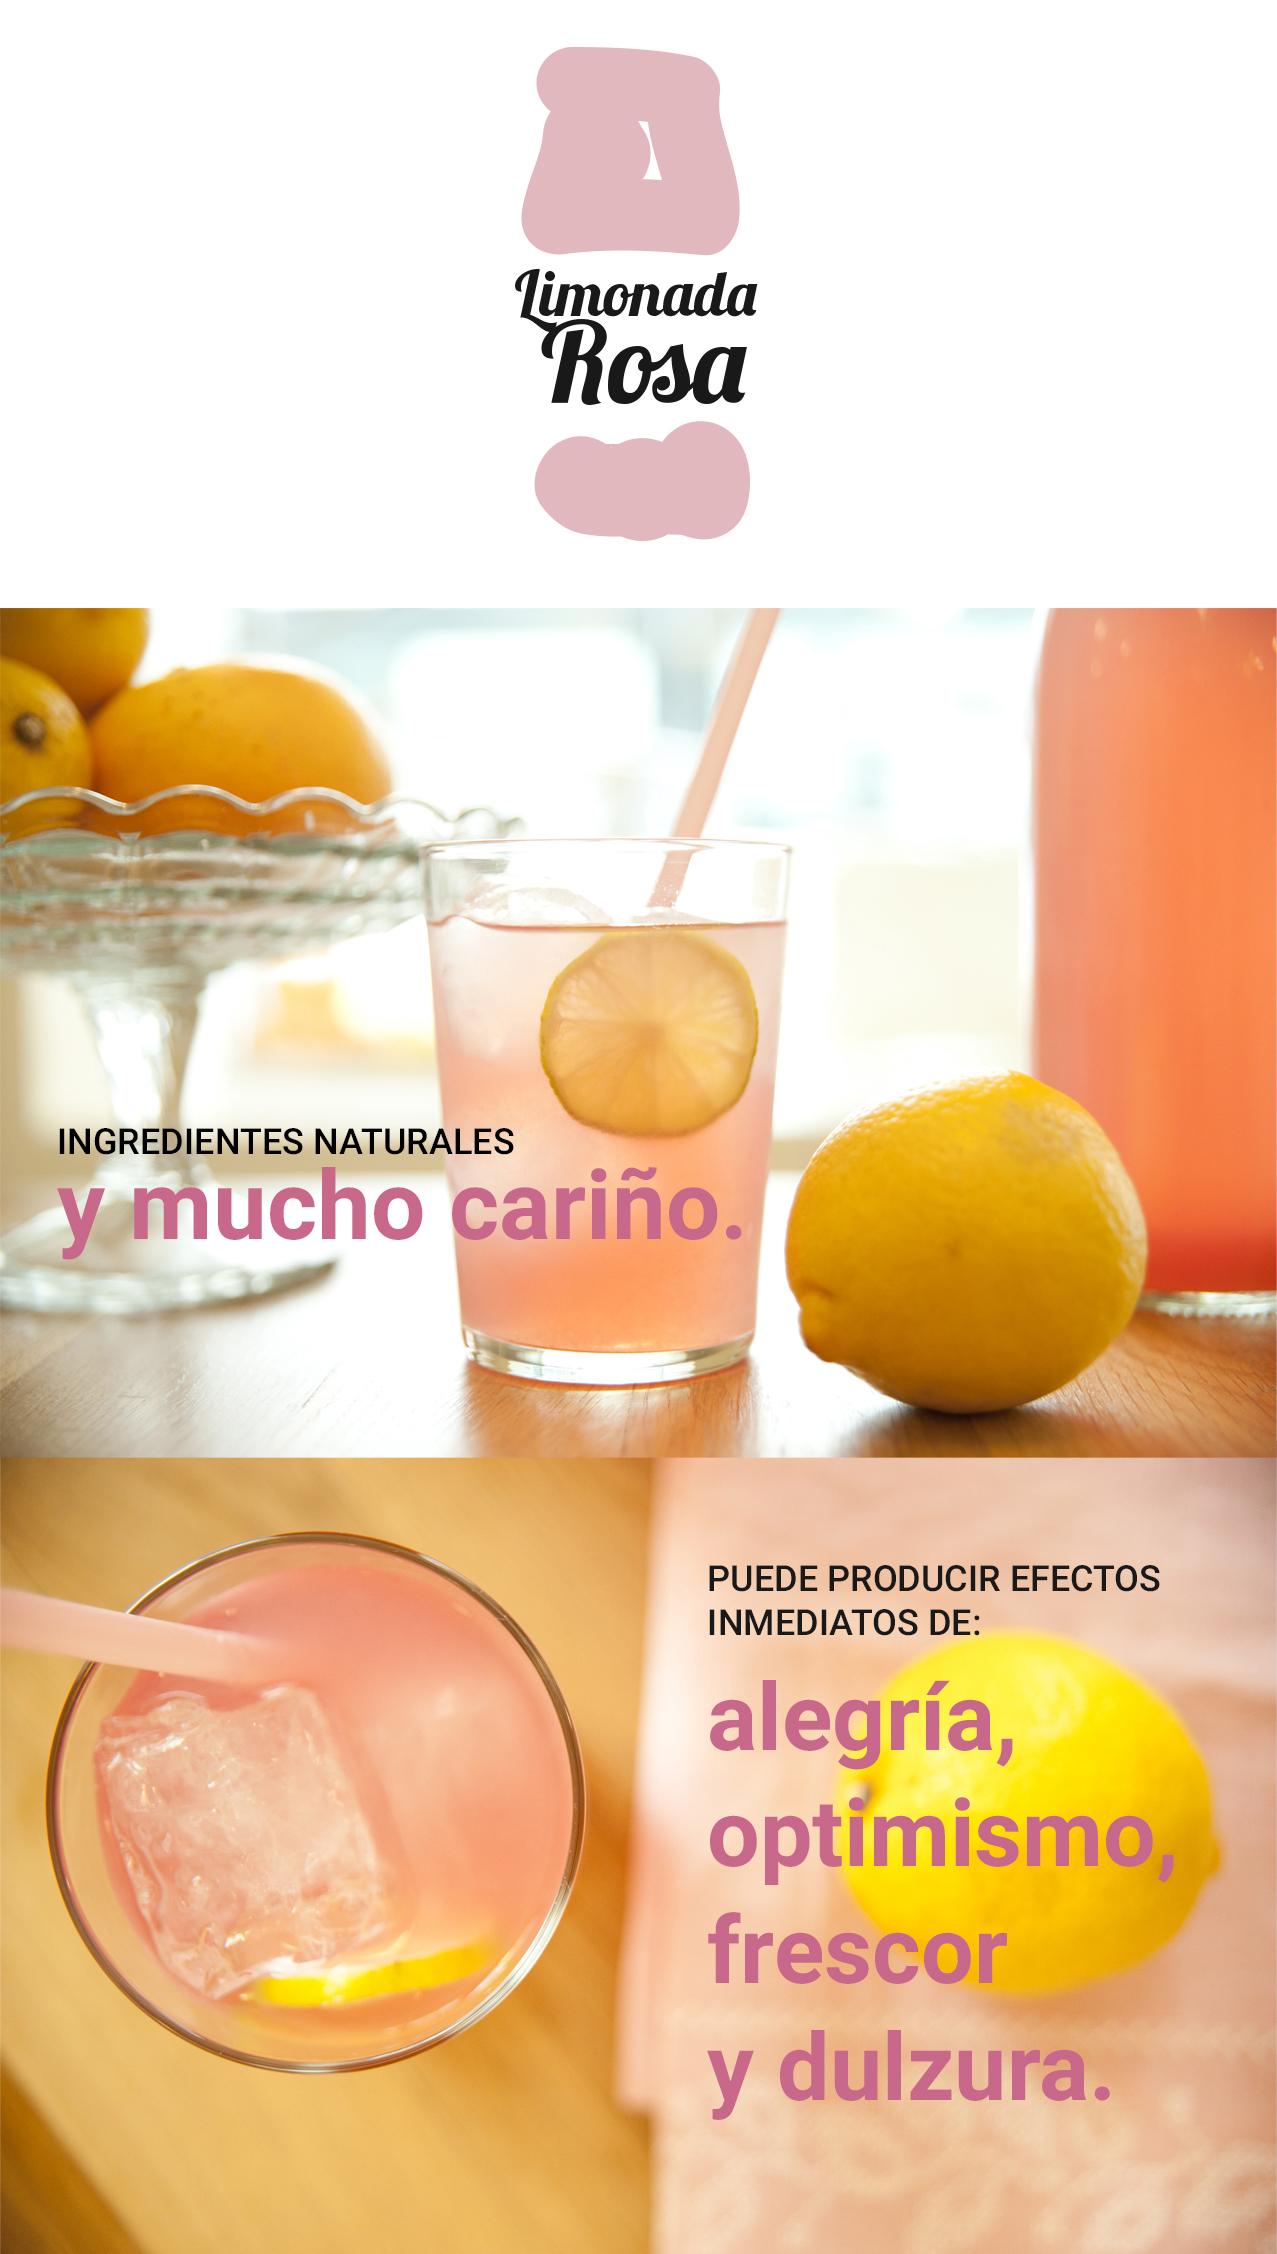 limonada-rosa-zaragoza